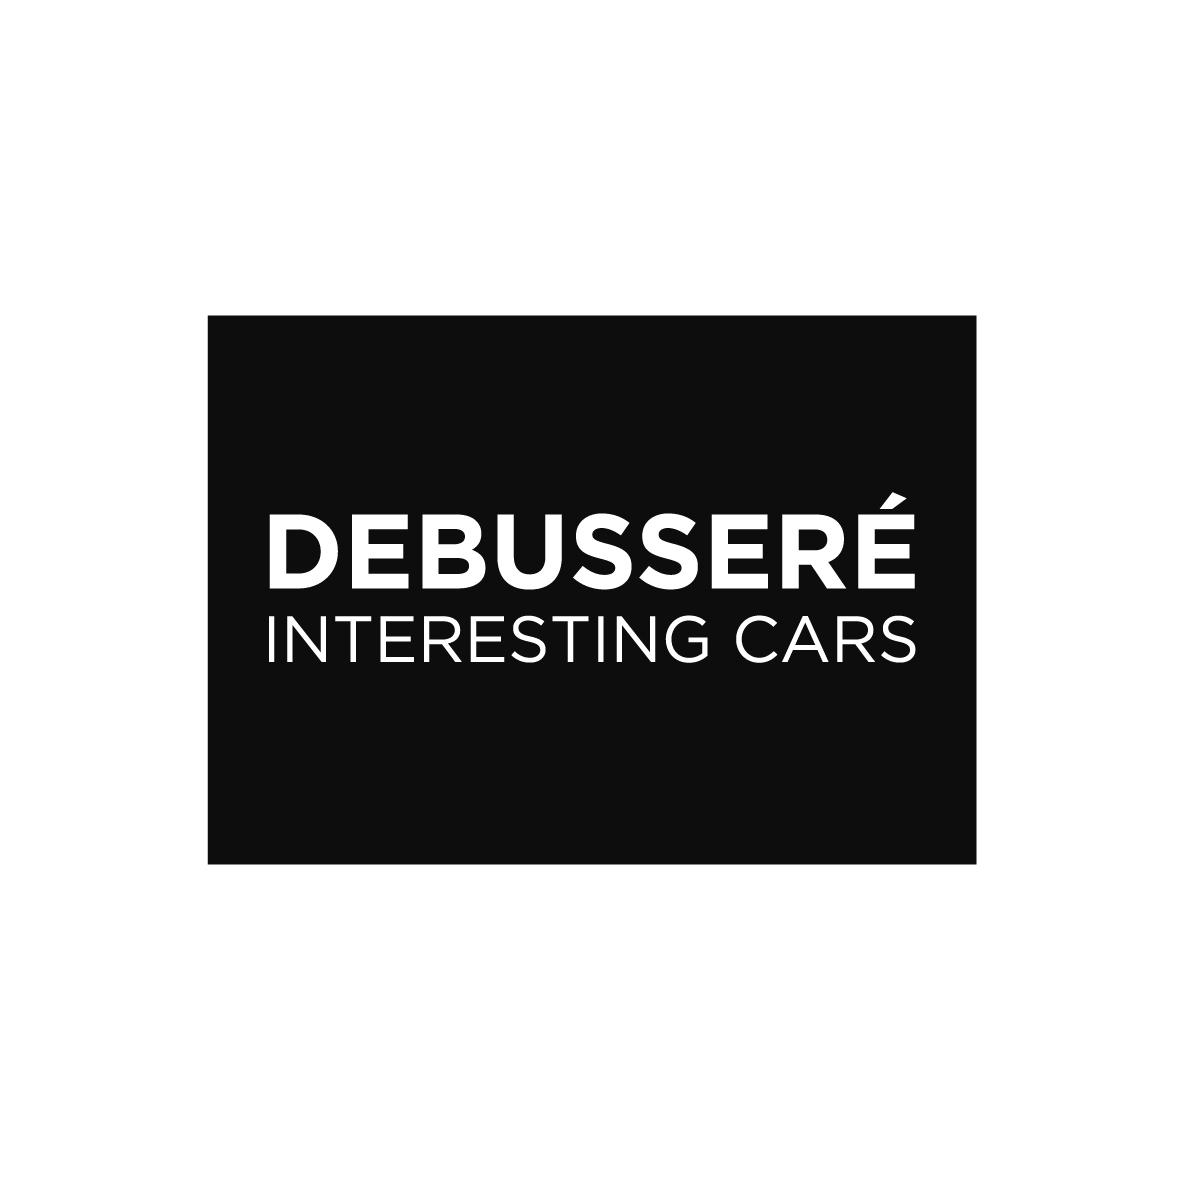 Debusseré